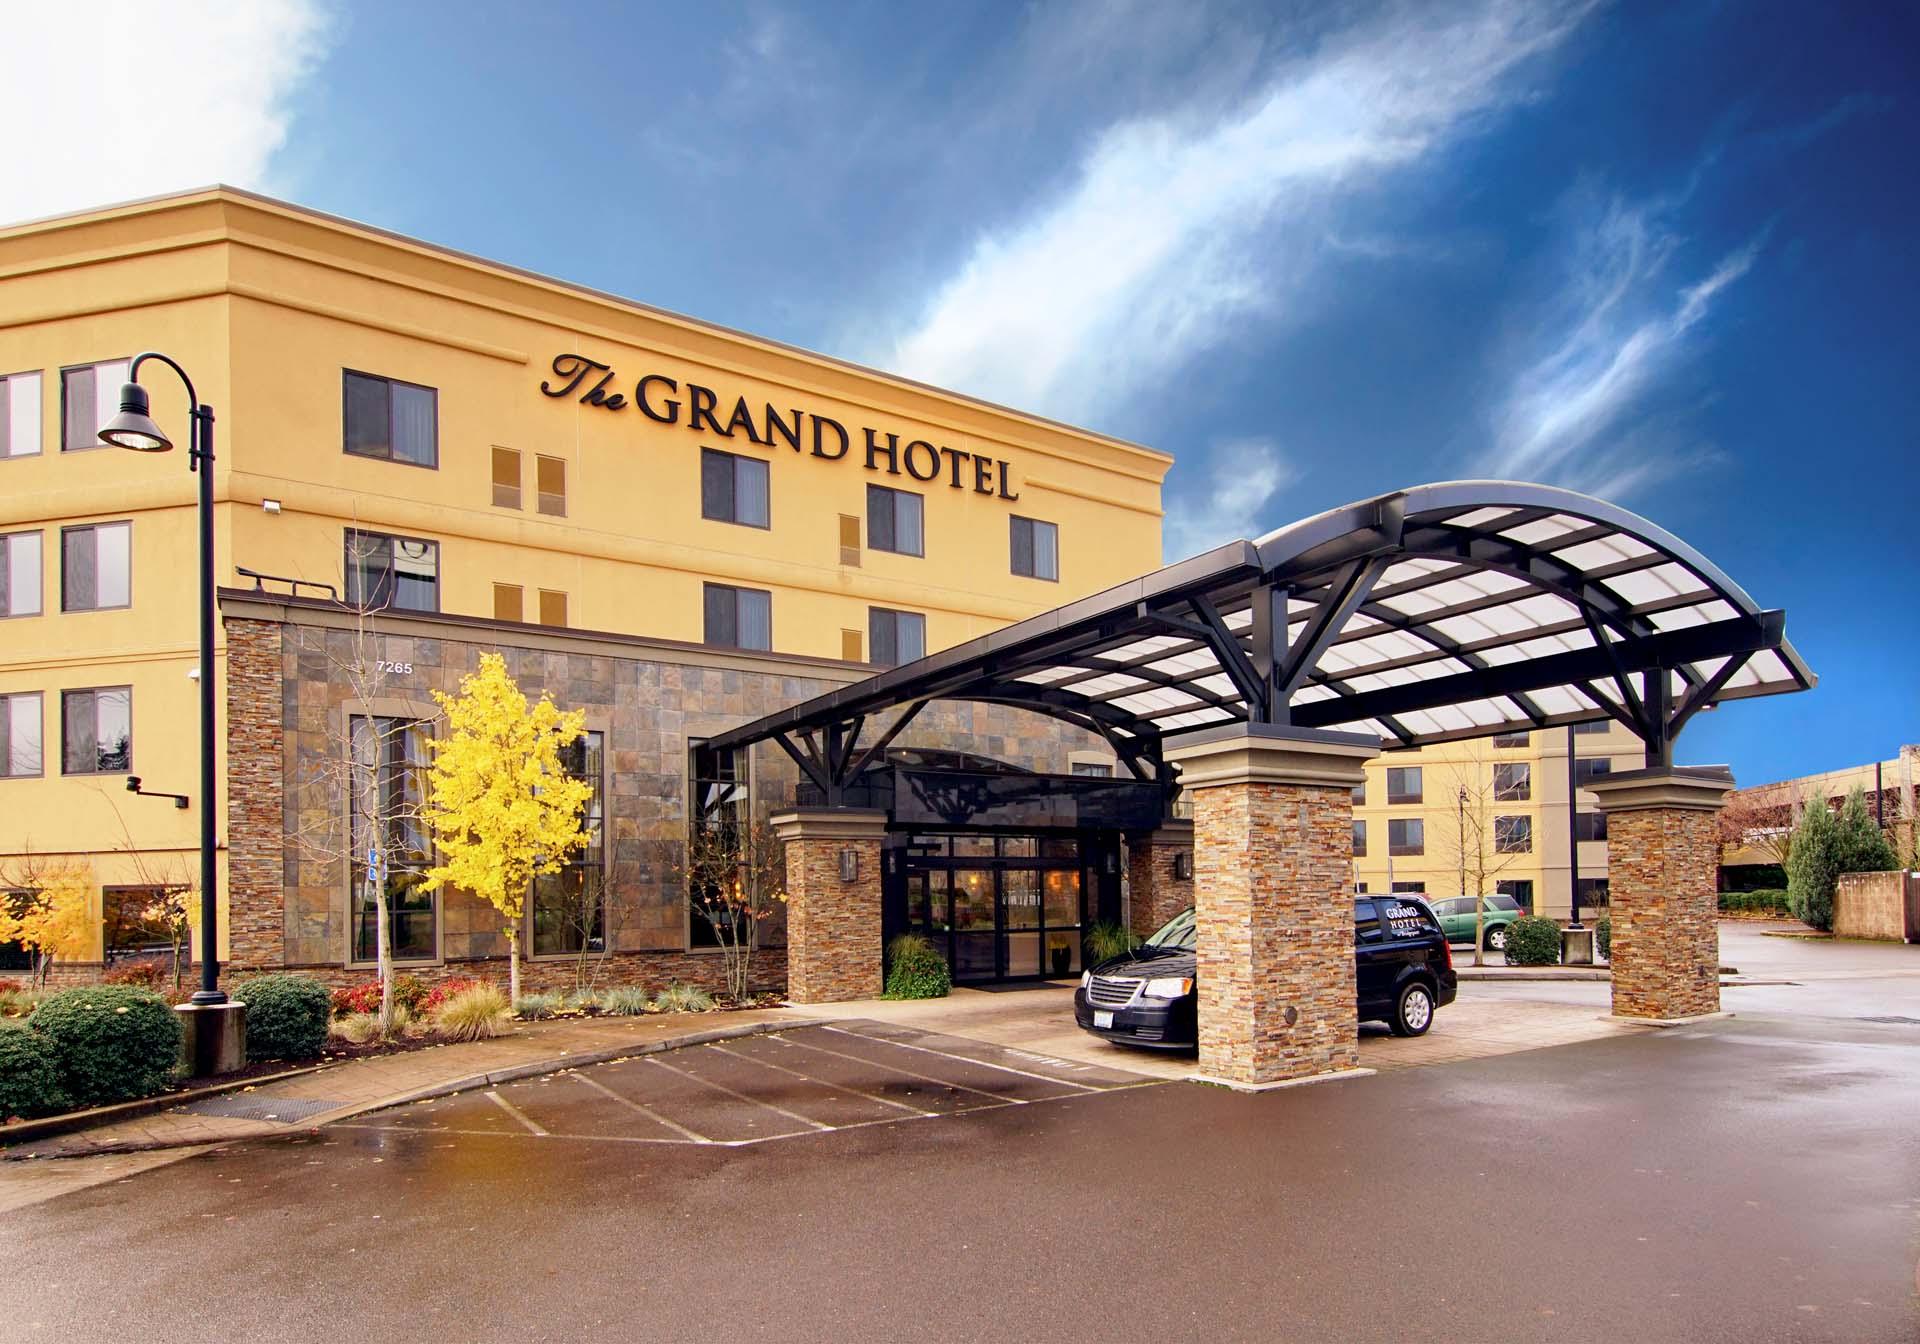 Grand Hotel Tigard